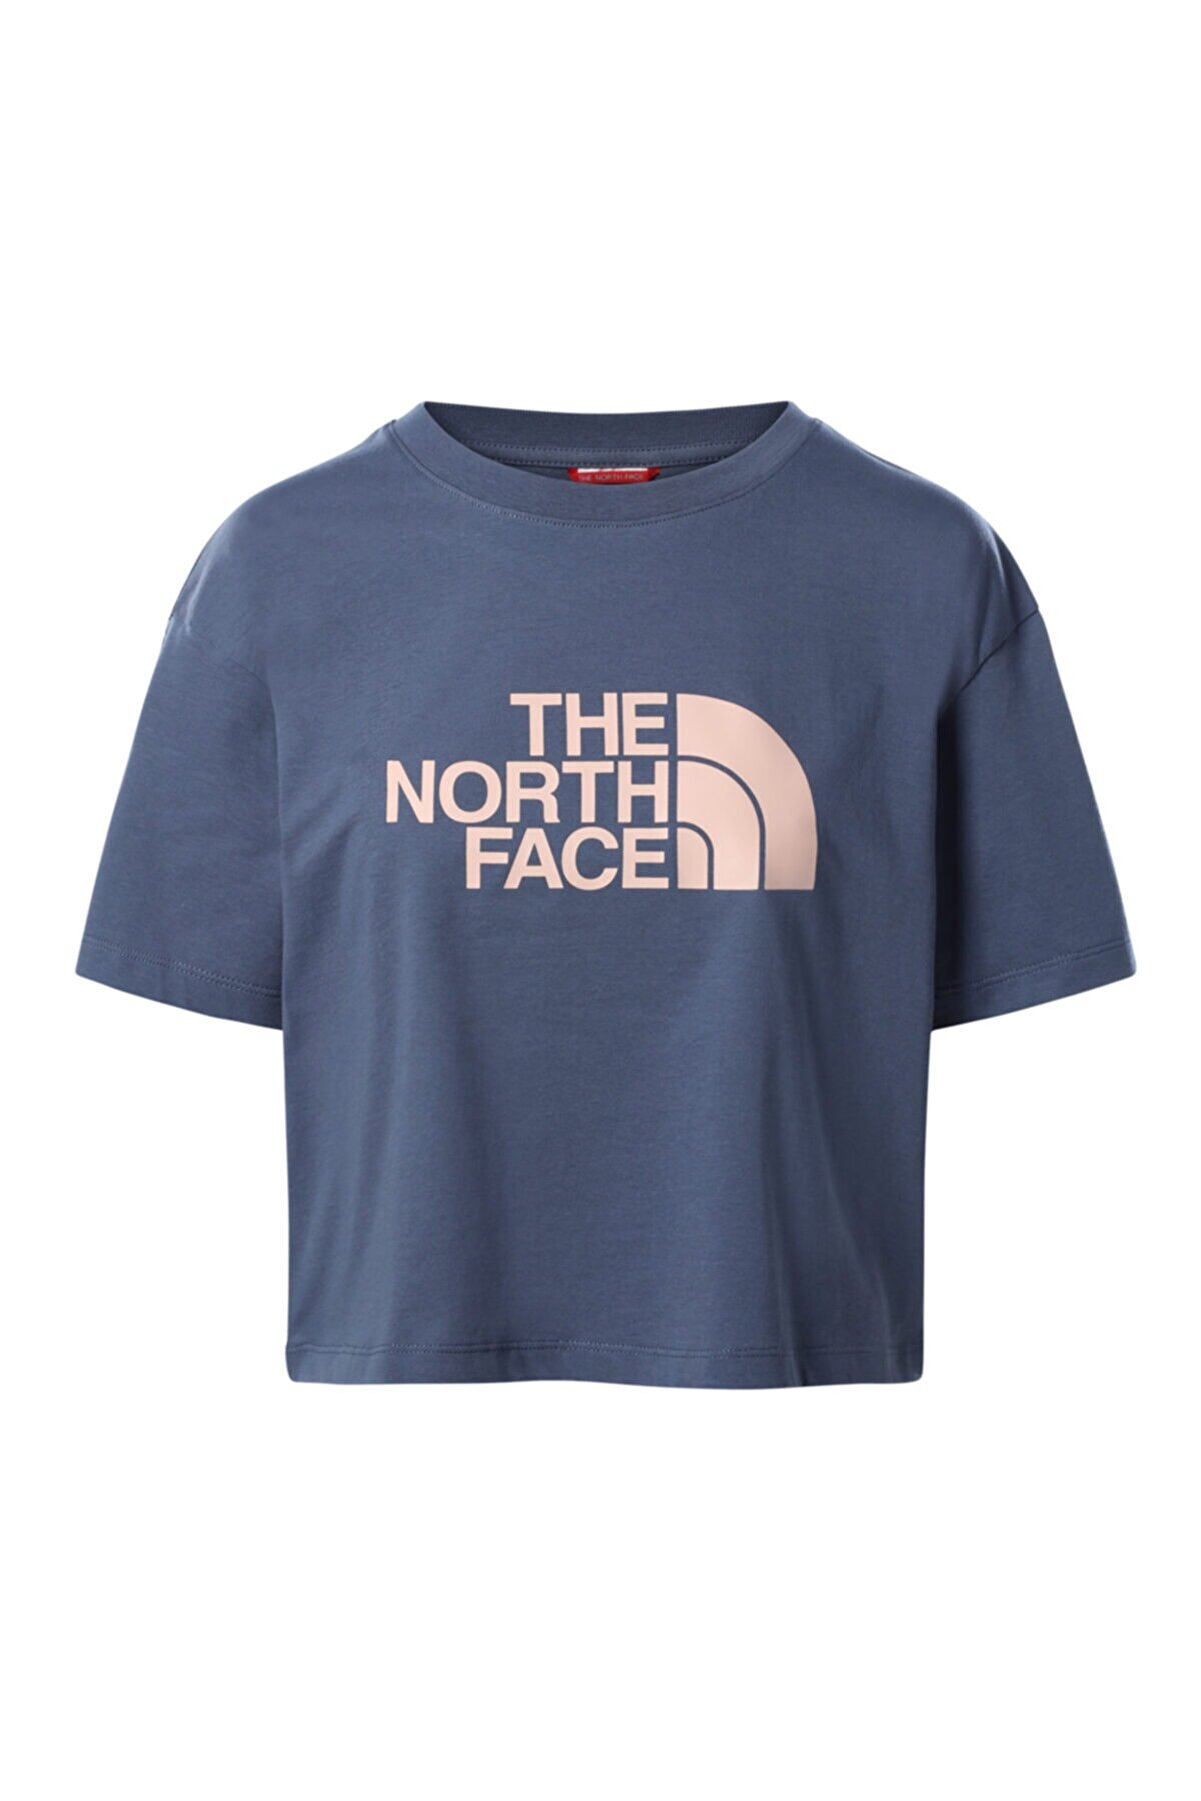 The North Face W Cropped Easy Tee Kadın Lacivert Tshirt Nf0a4t1r0gu1